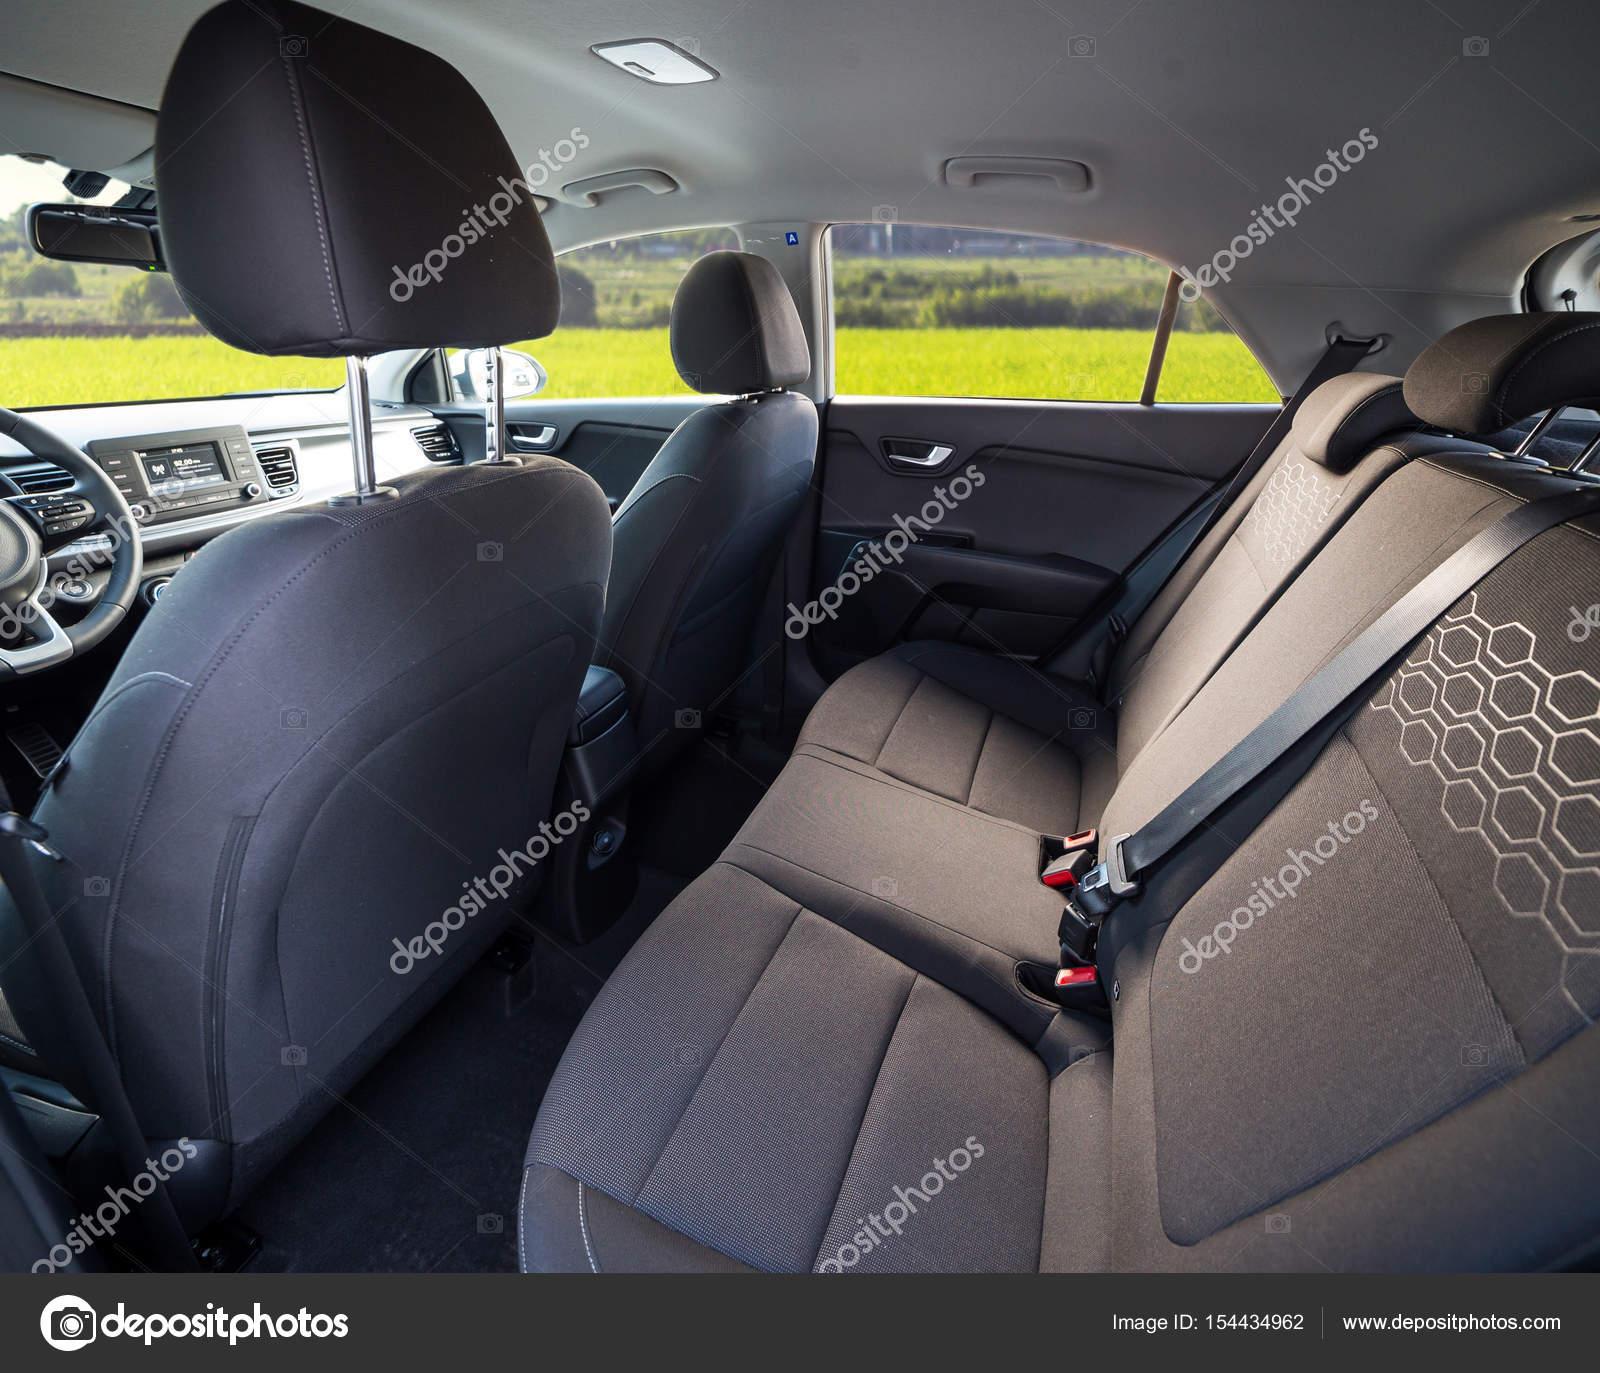 2017 Kia Rio Interior: May 19, 2017.KIA Rio Concept Car